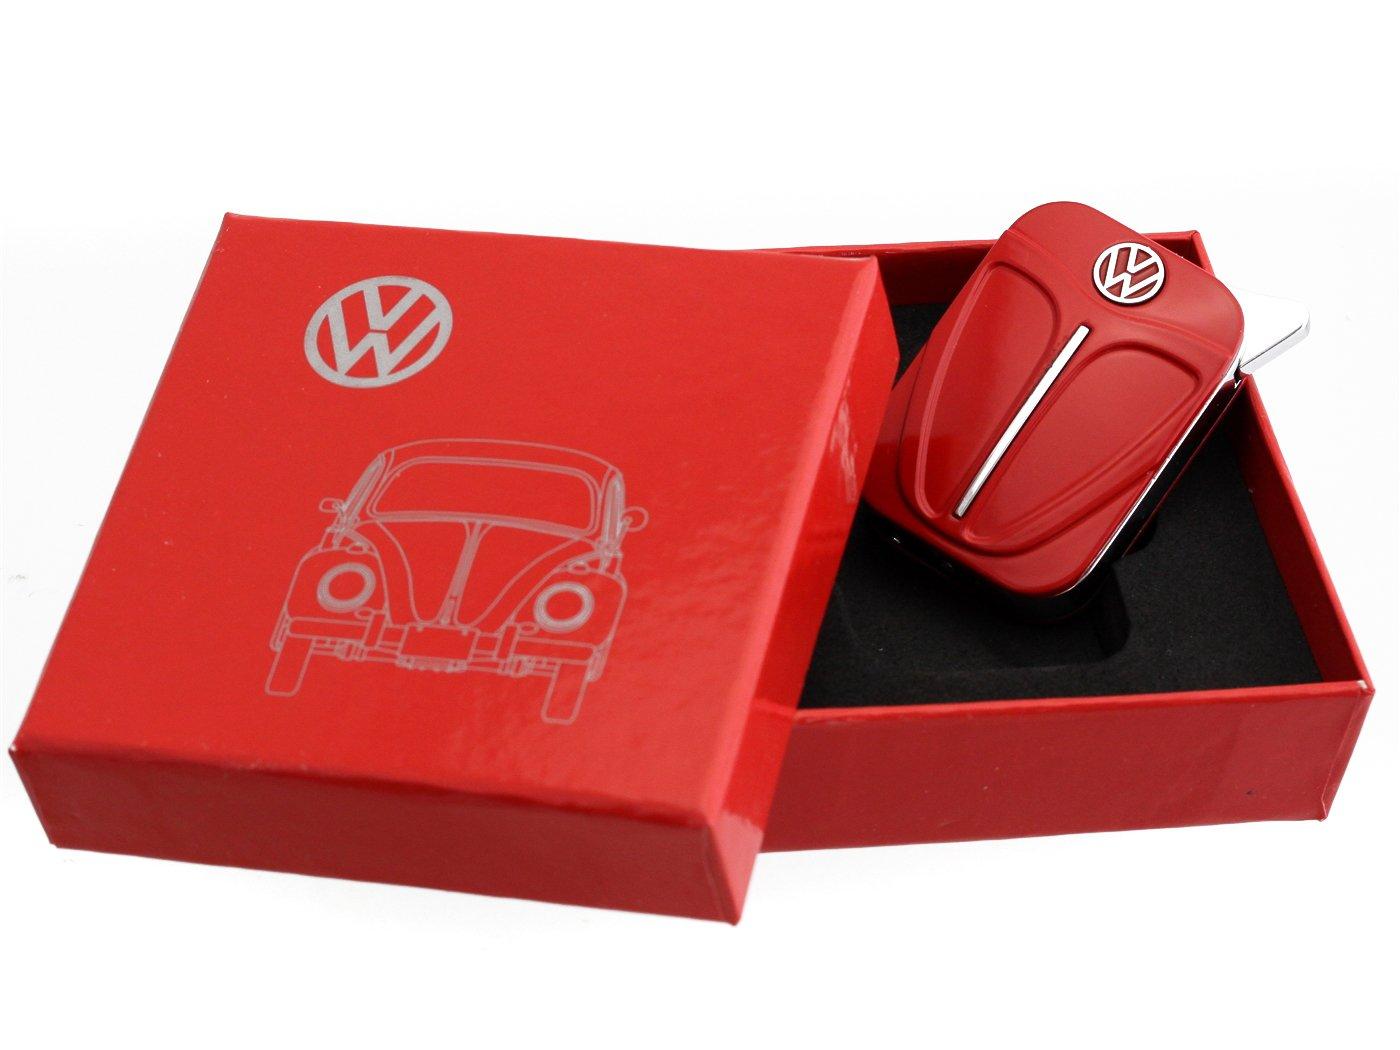 Volkswagen Originale accendino nella progettazione scudo anteriore - in diversi colori - Gift Set (Red) RAD